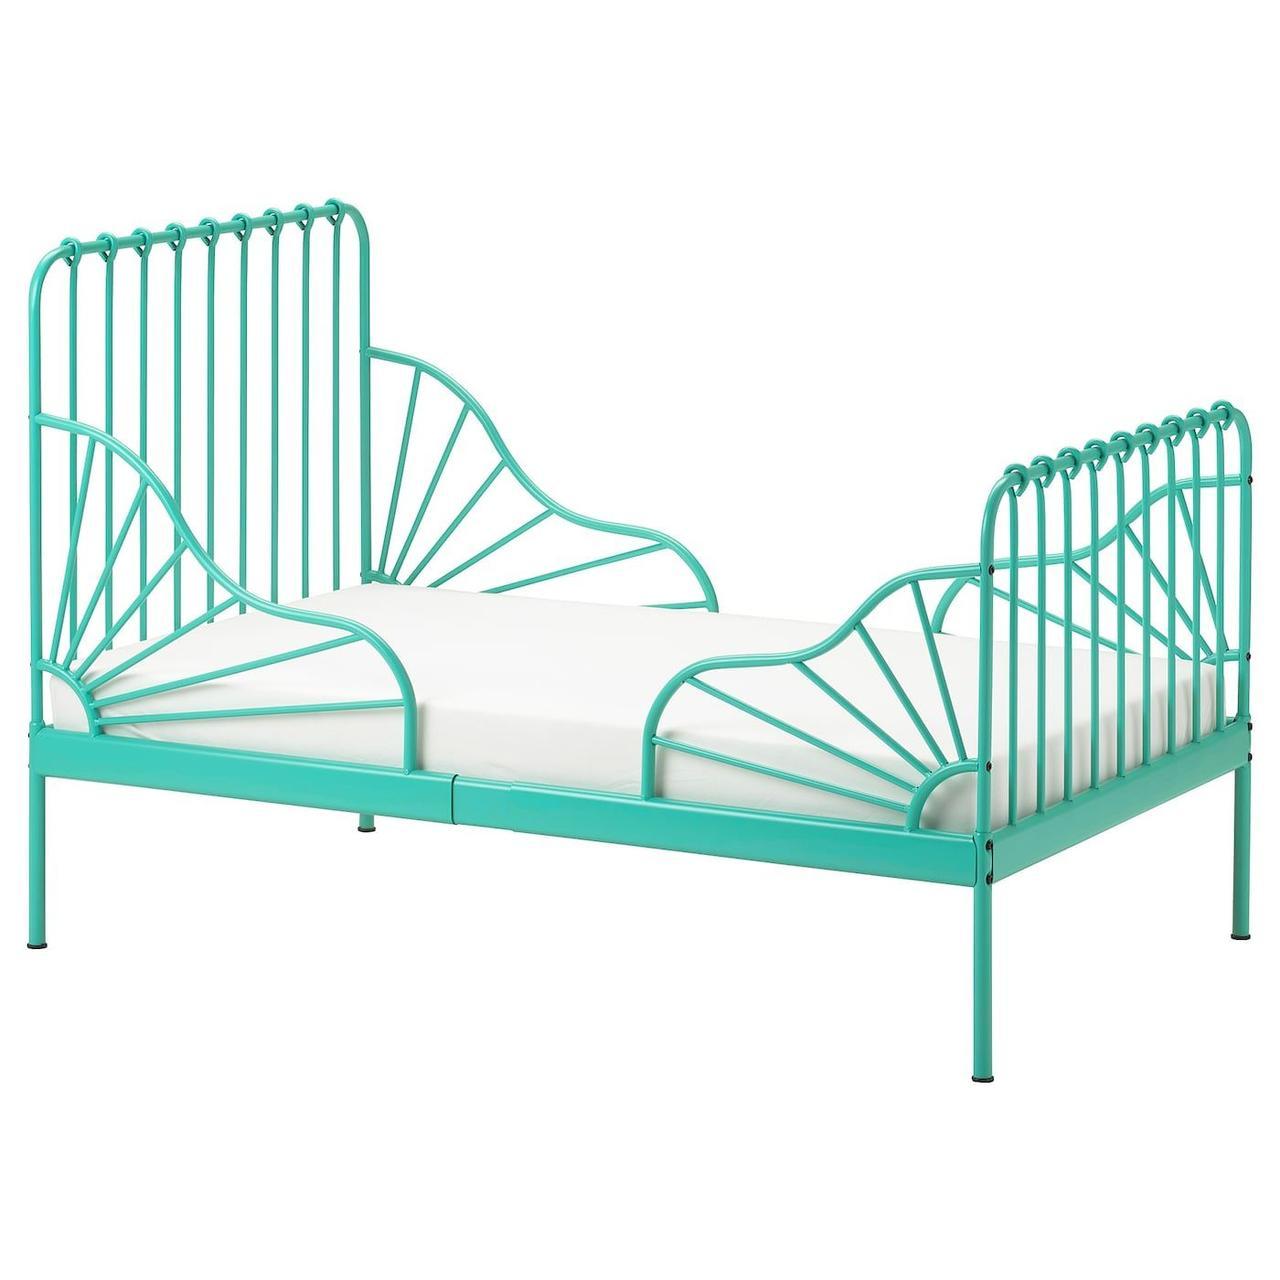 Каркас раздвижной кровати IKEA MINNEN 204.612.79